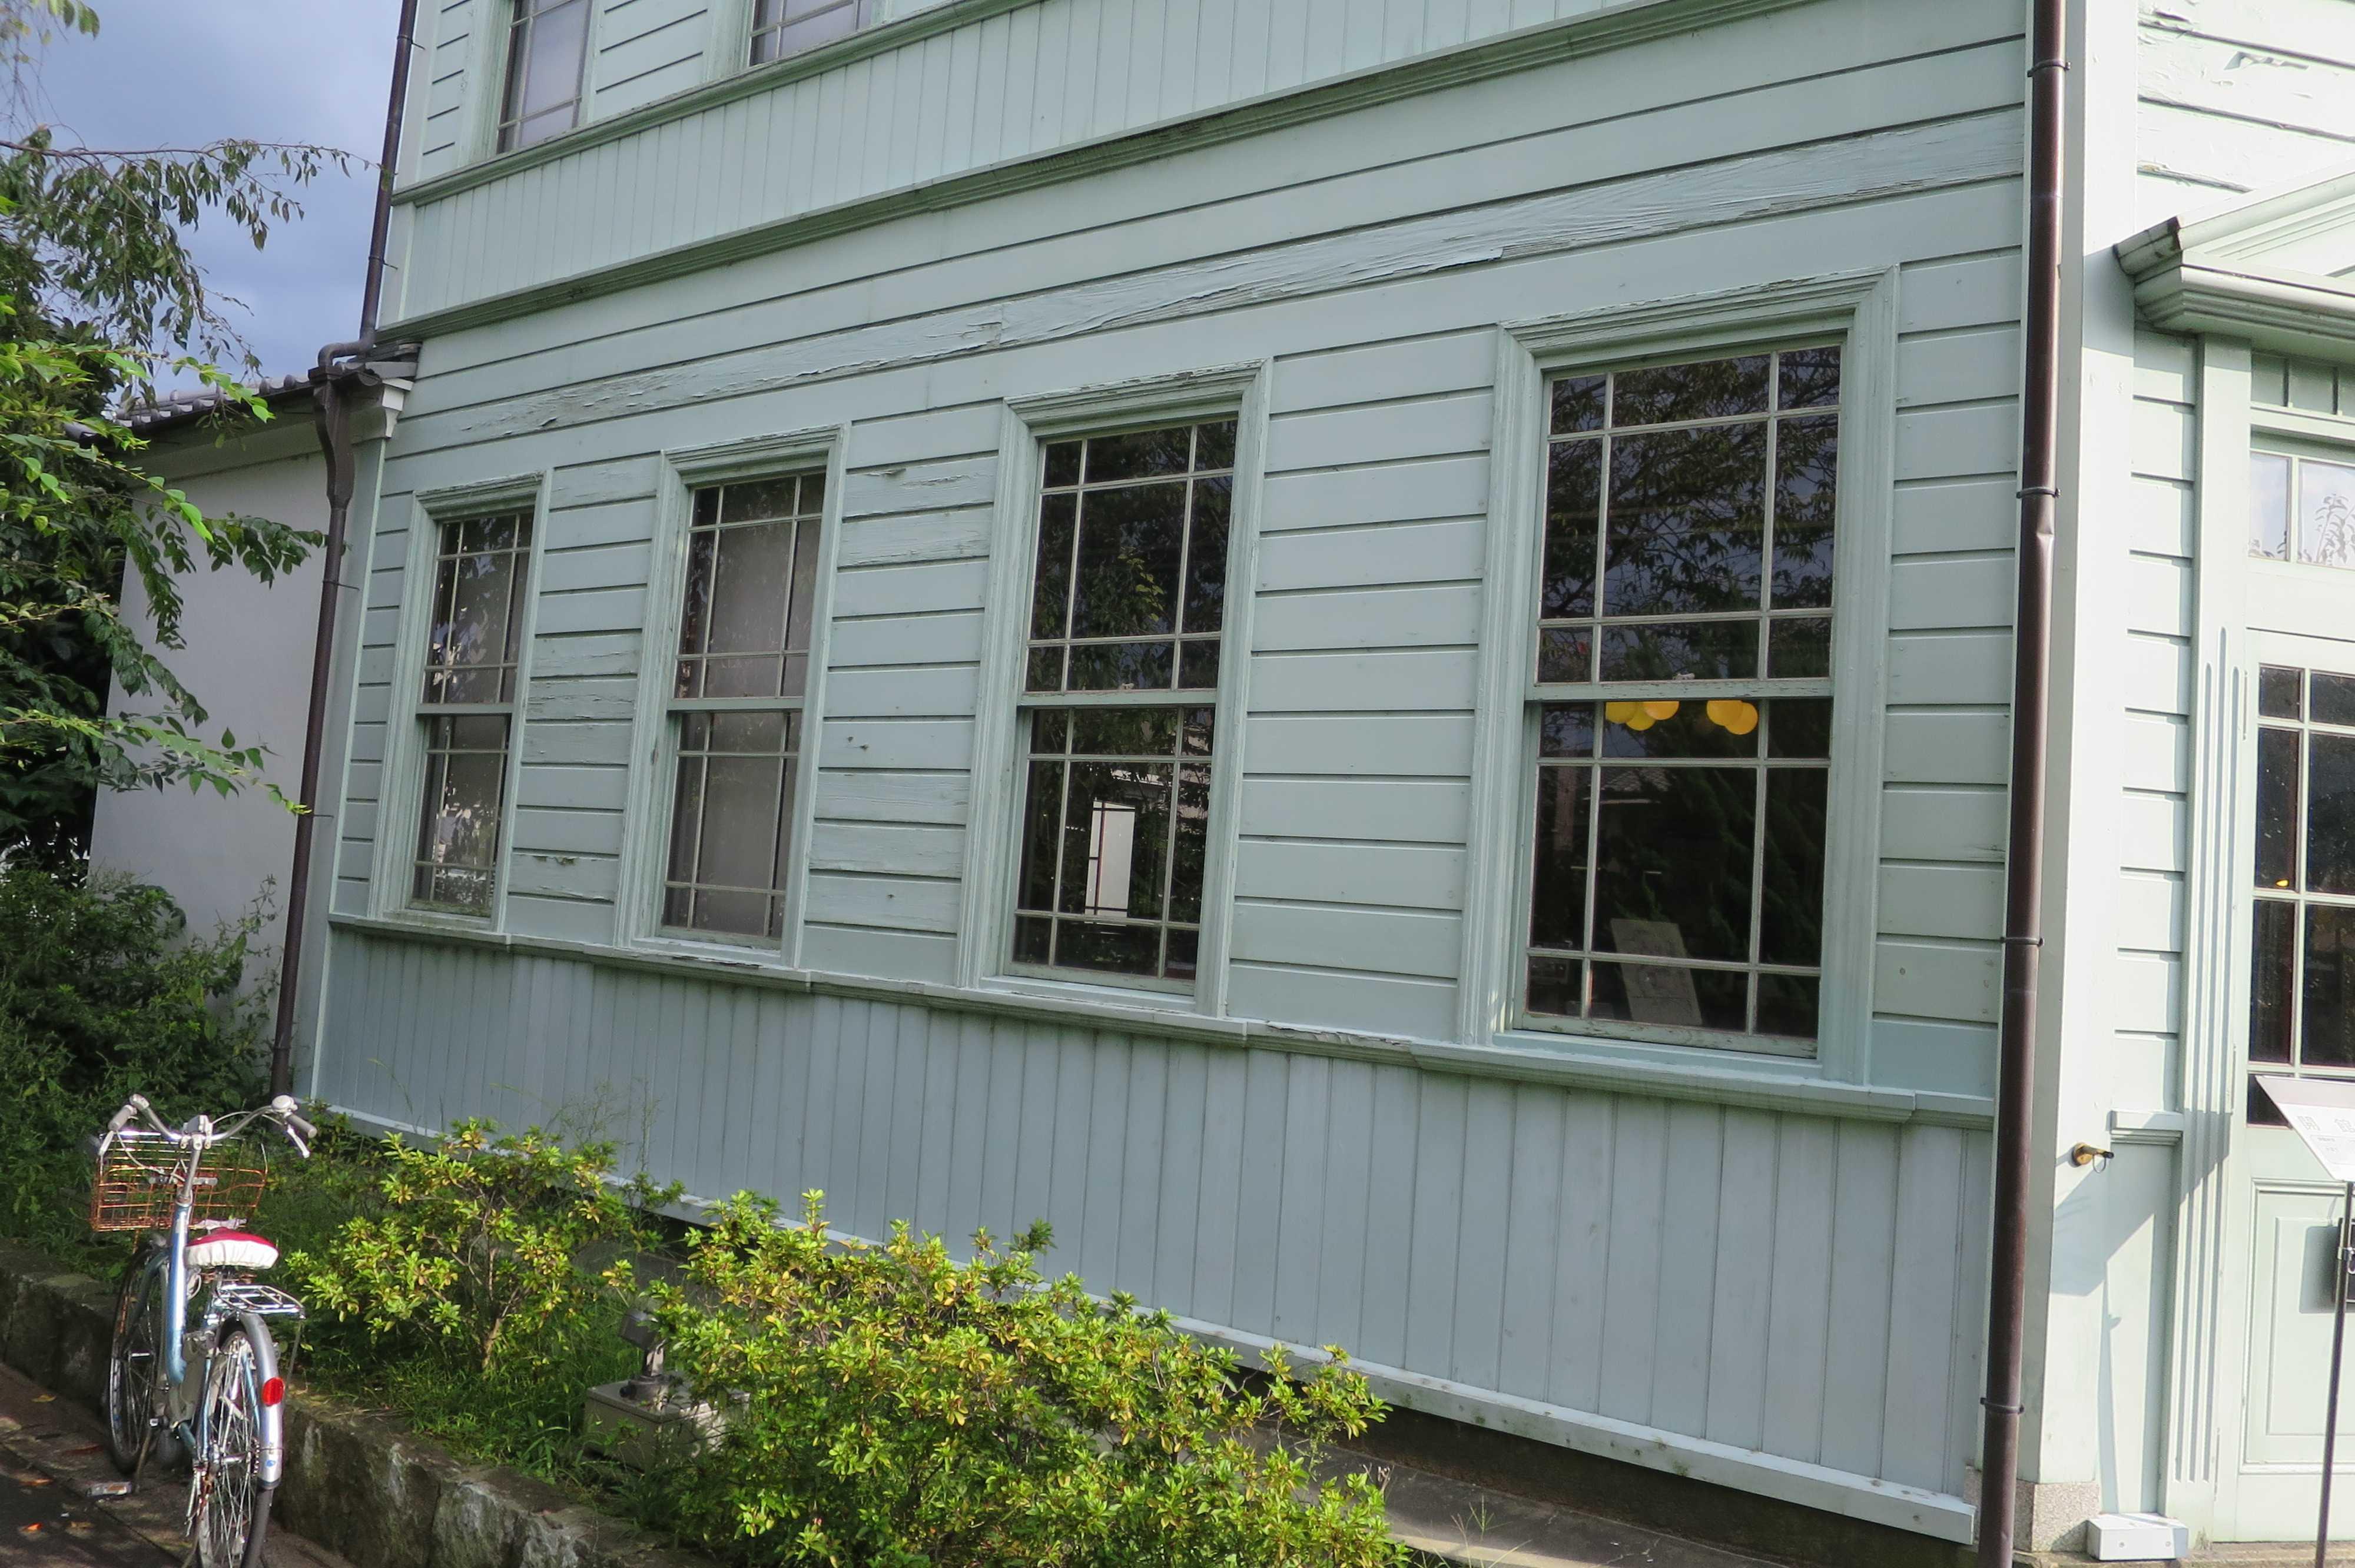 京都・崇仁地区 - 柳原銀行記念資料館の側面のガラス窓